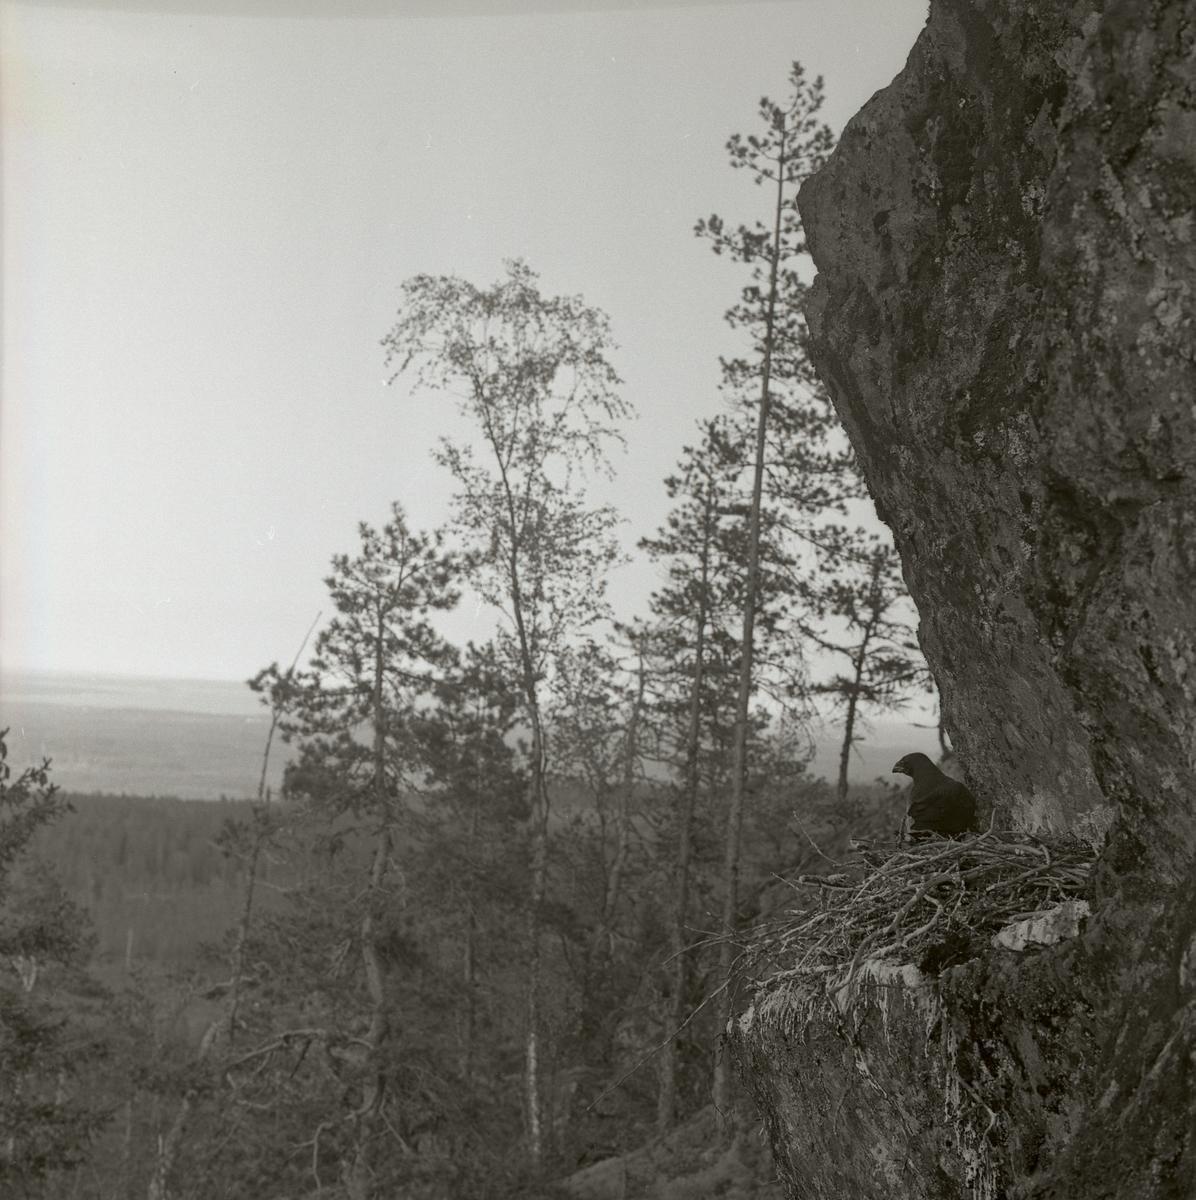 En korp sitter i ett fågelbo på klipphylla vid en skog 1962.